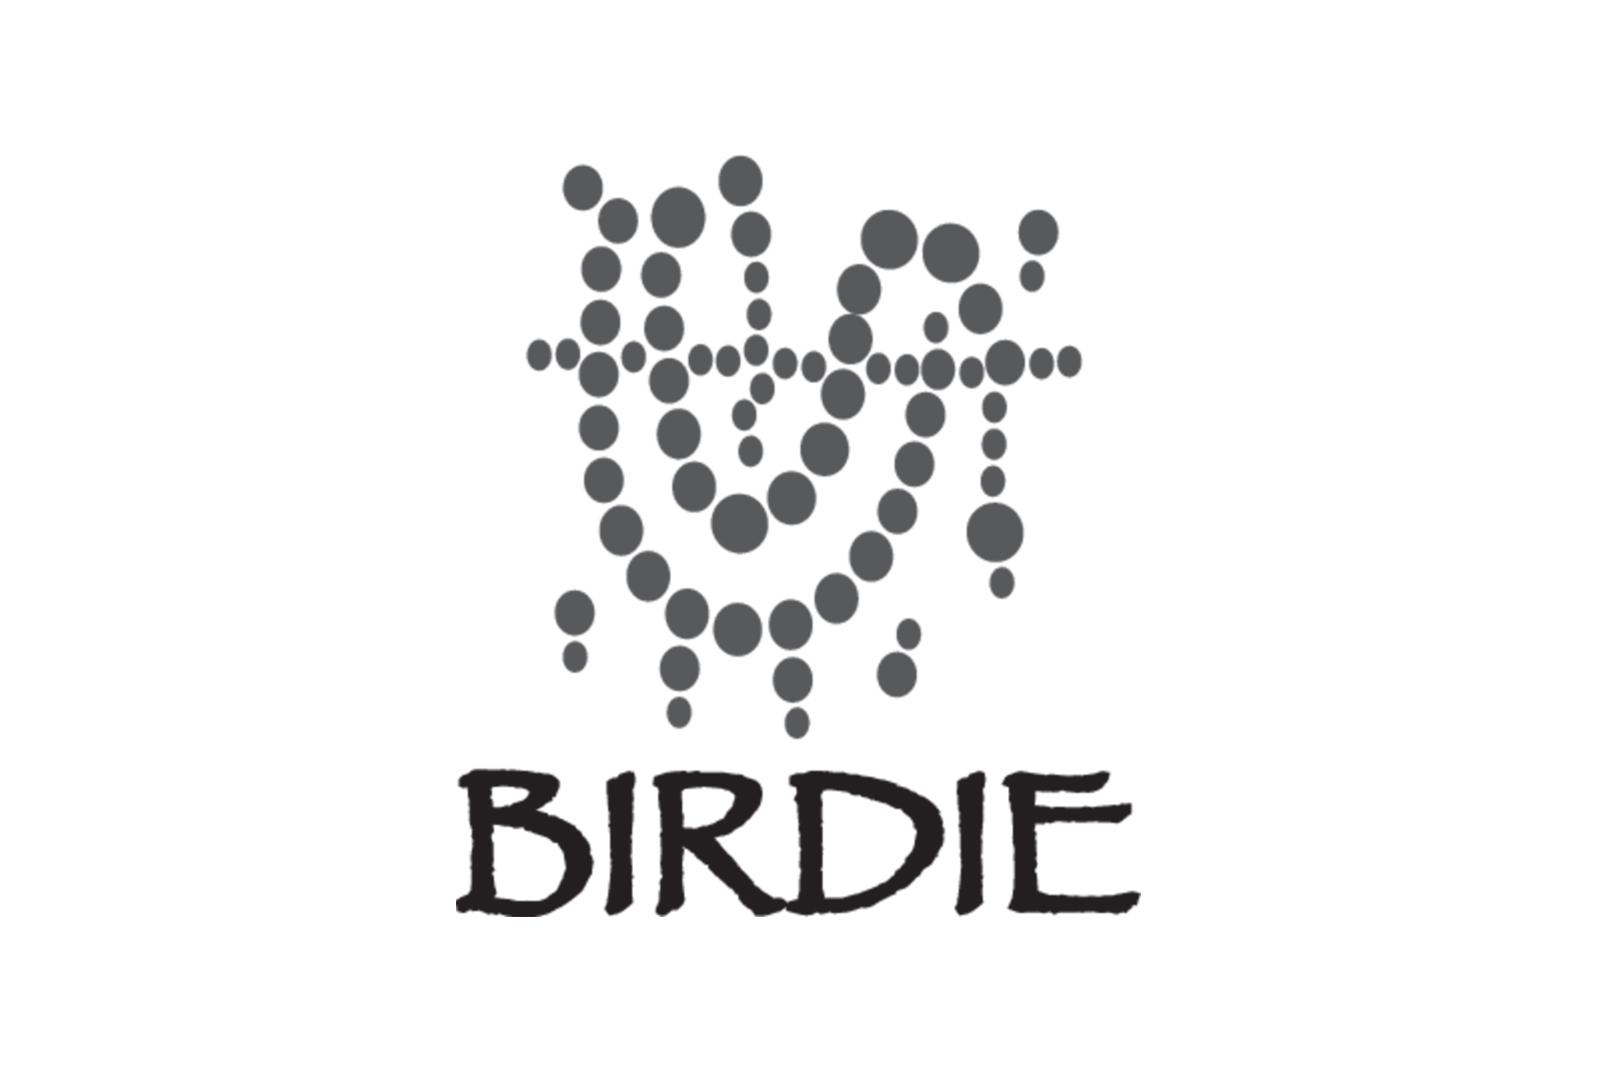 By-birdie logo.jpg